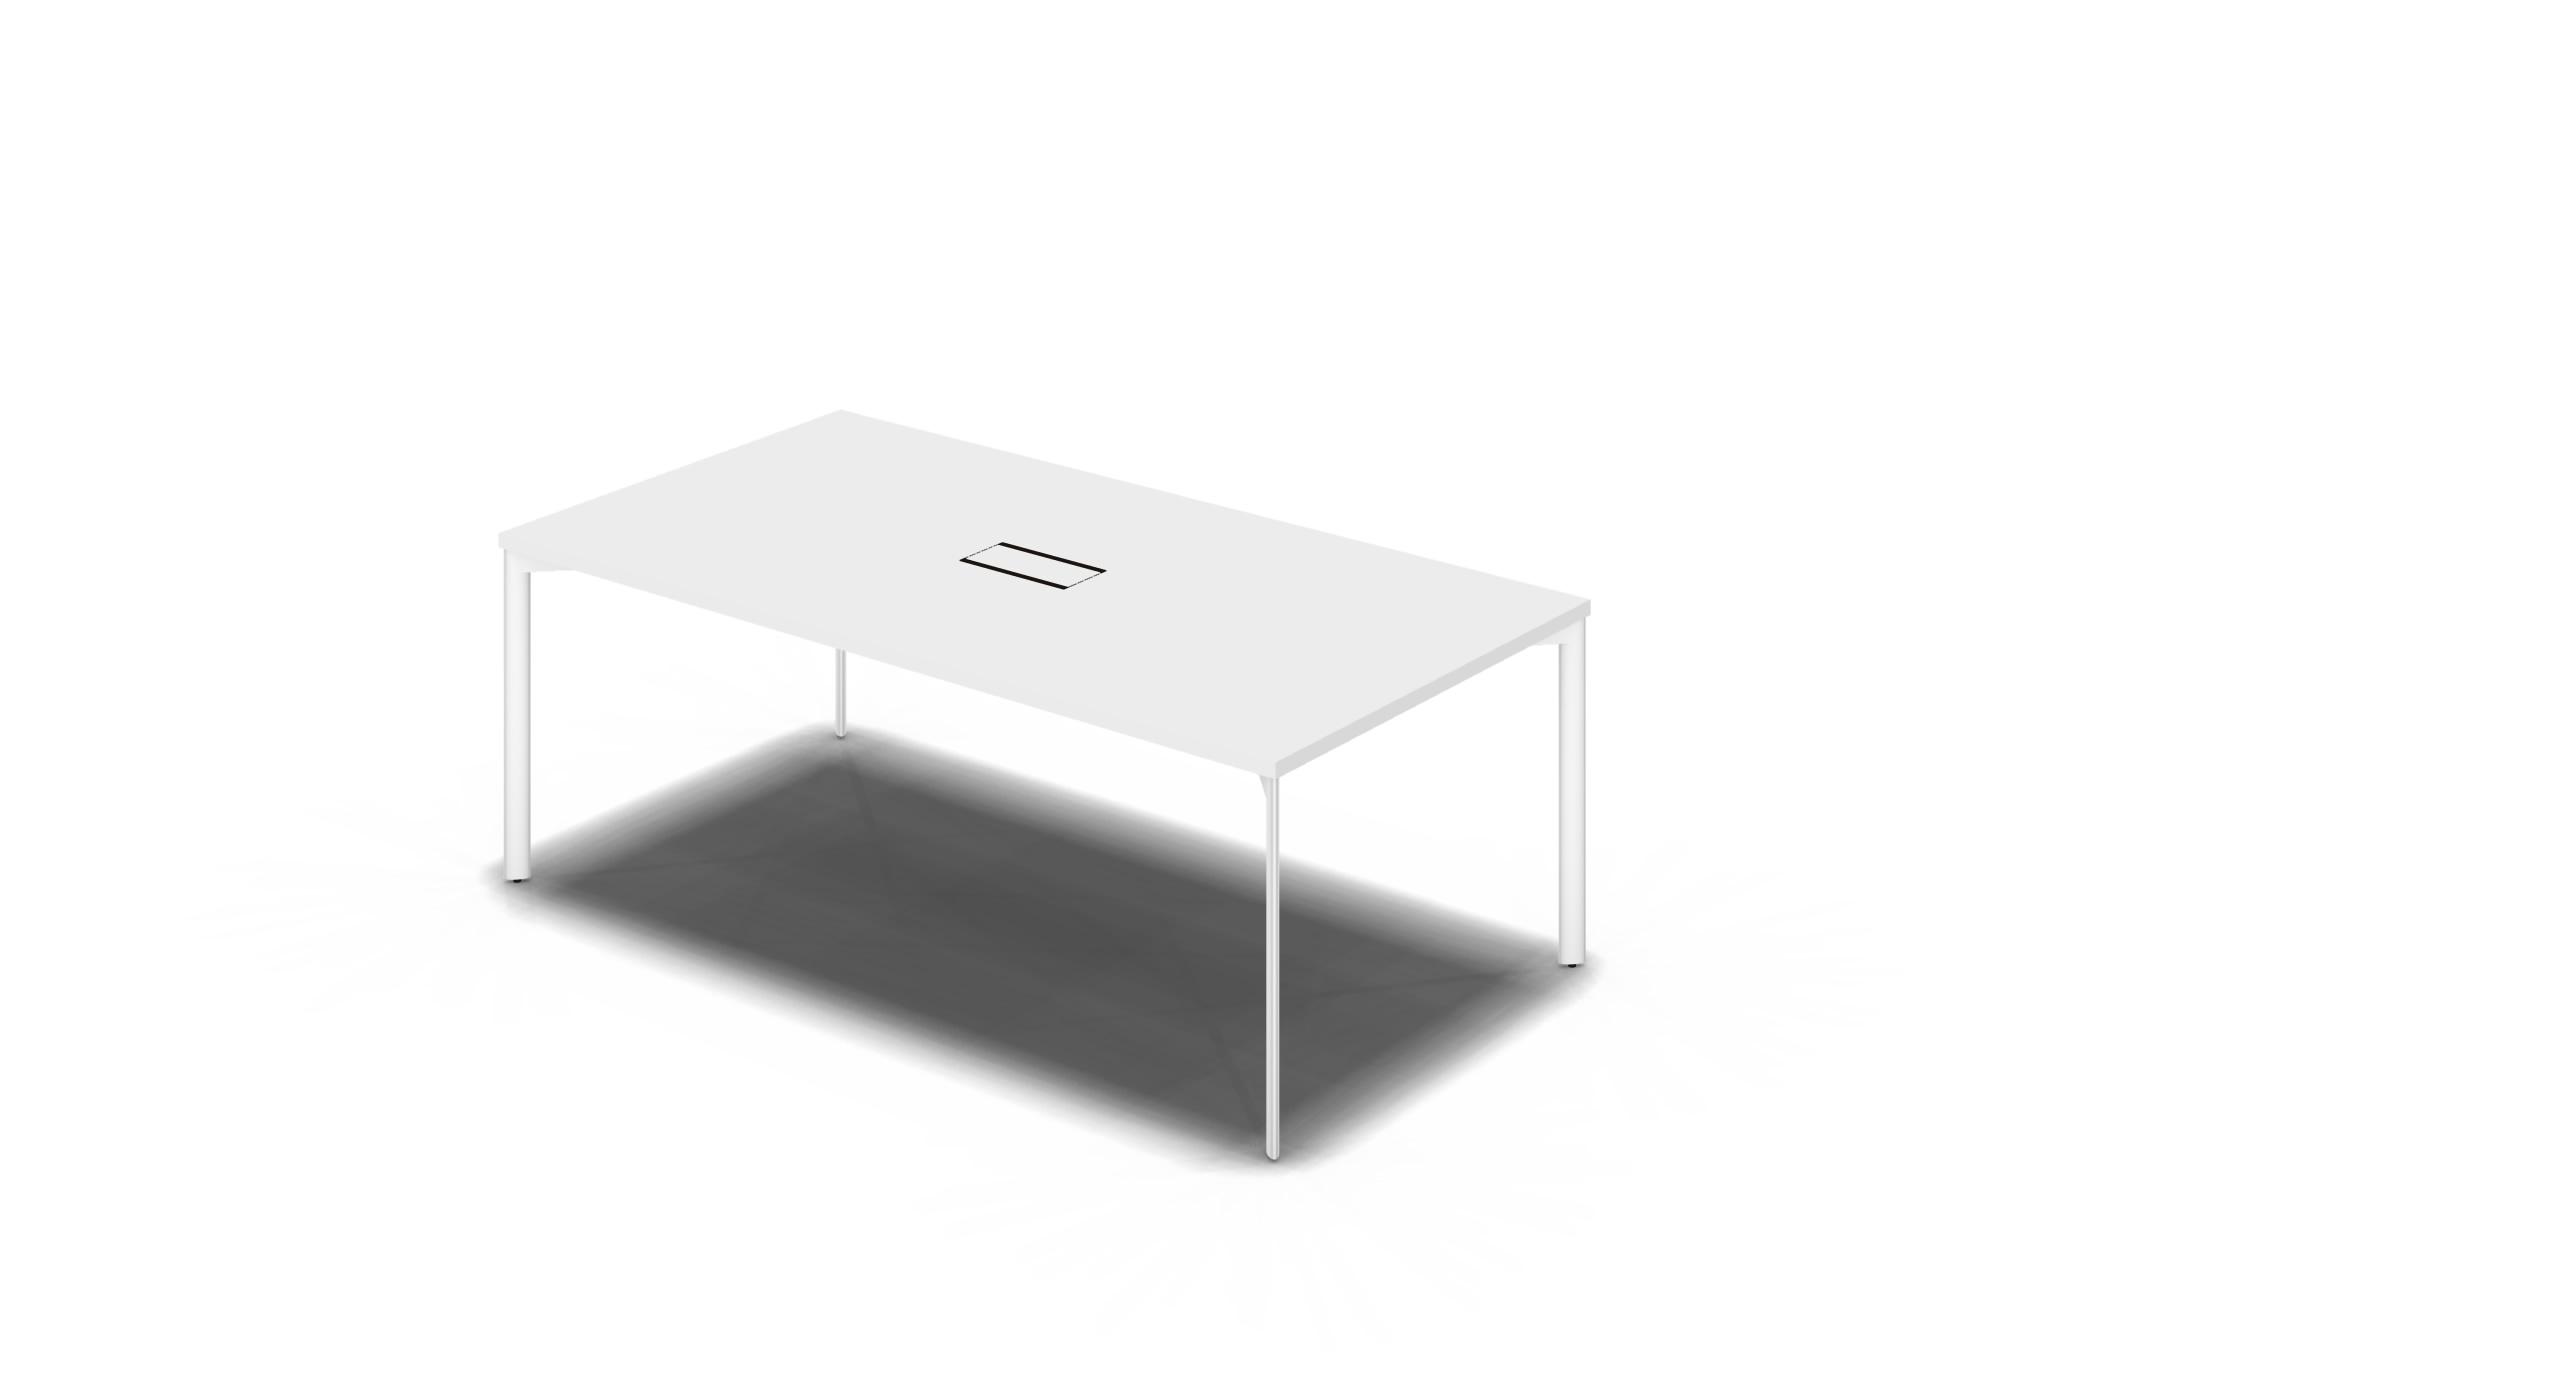 Table_Slim_1800x900_White_White_withOption